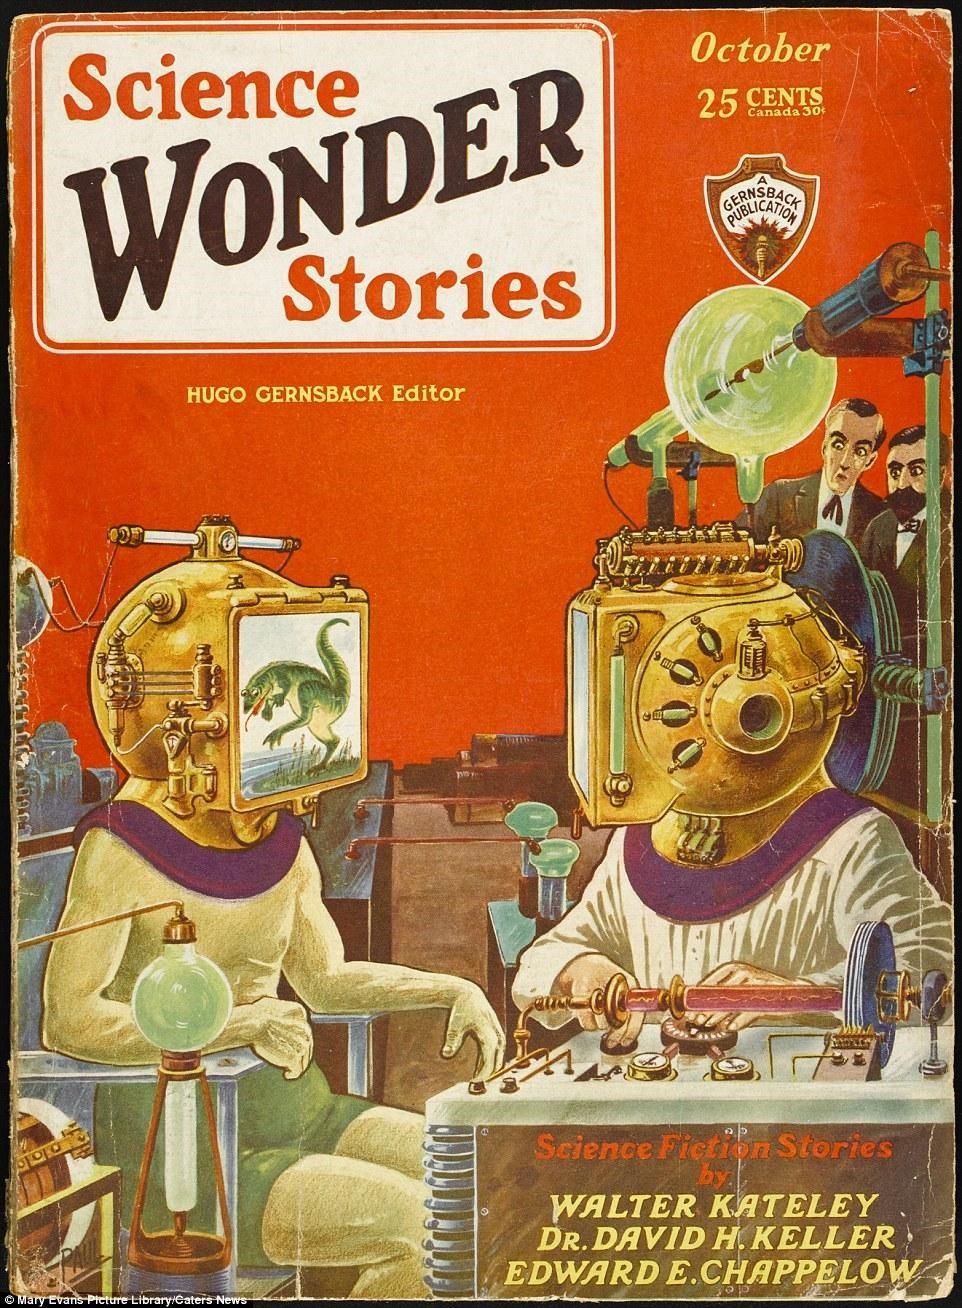 Визуальная фантастика: художники предсказывают технологии будущего - 23